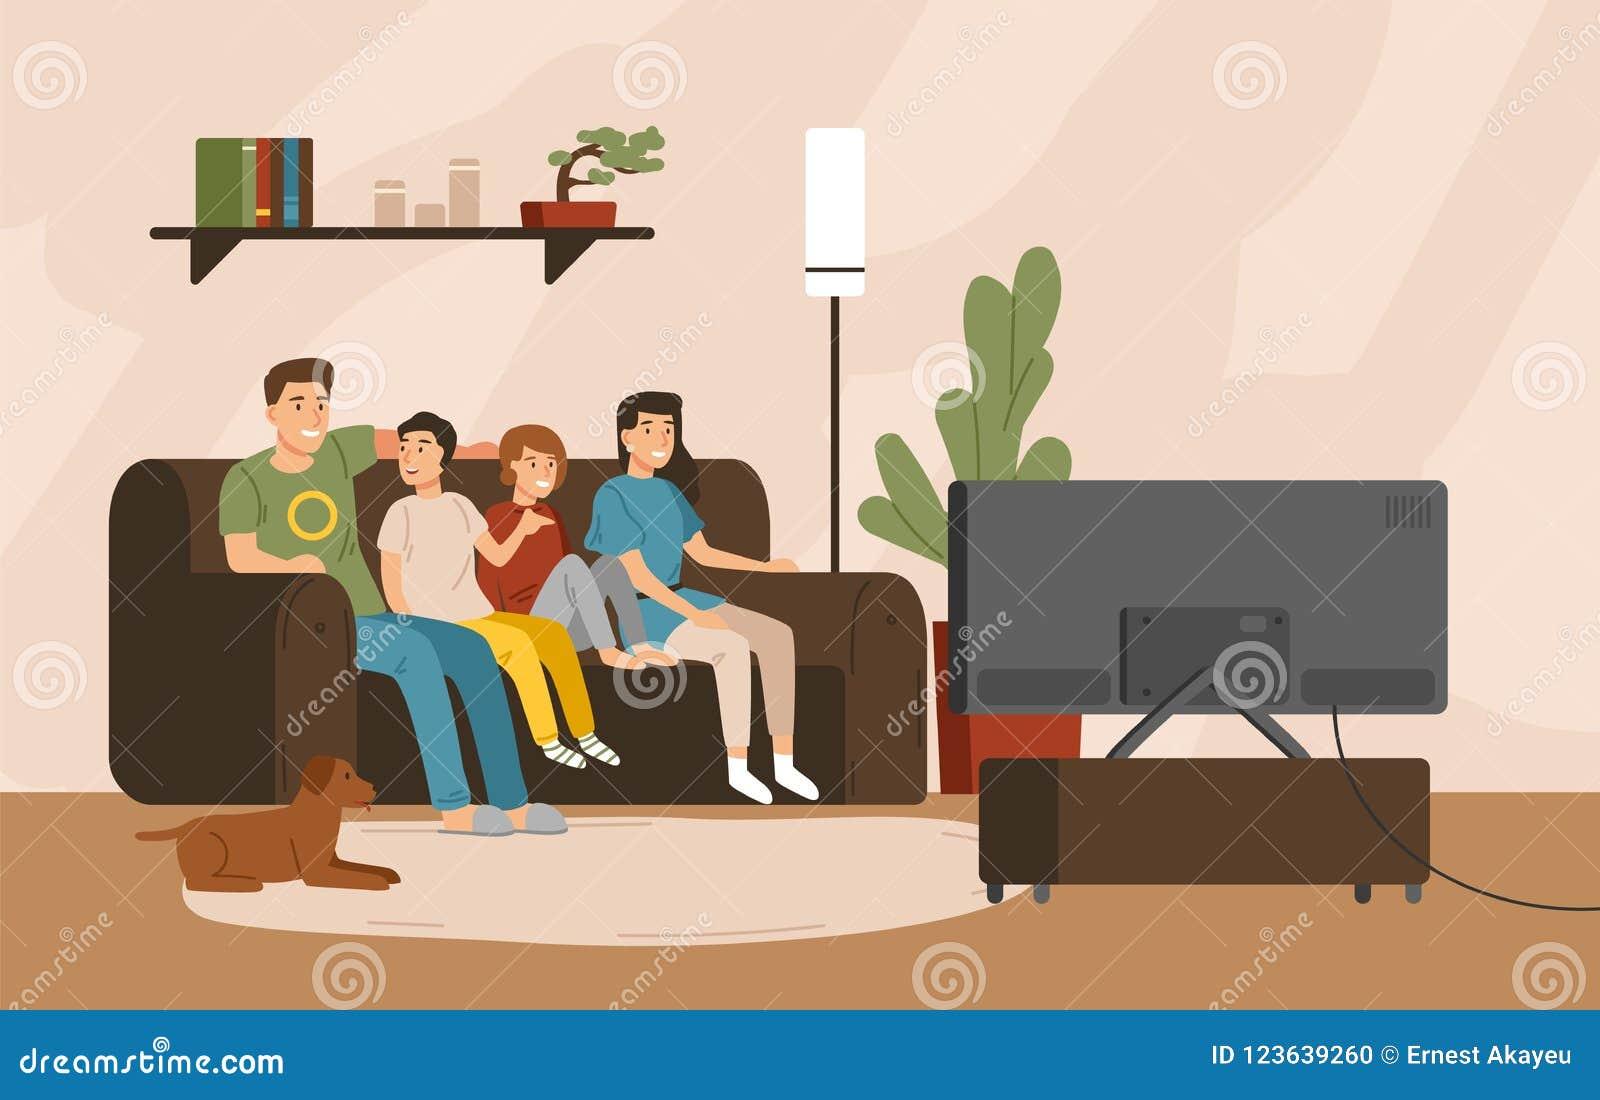 Χαμογελώντας μητέρα, πατέρας και παιδιά που κάθονται στο comfy καναπέ και τη τηλεόραση προσοχής Ευτυχής χρόνος οικογενειακών εξόδ